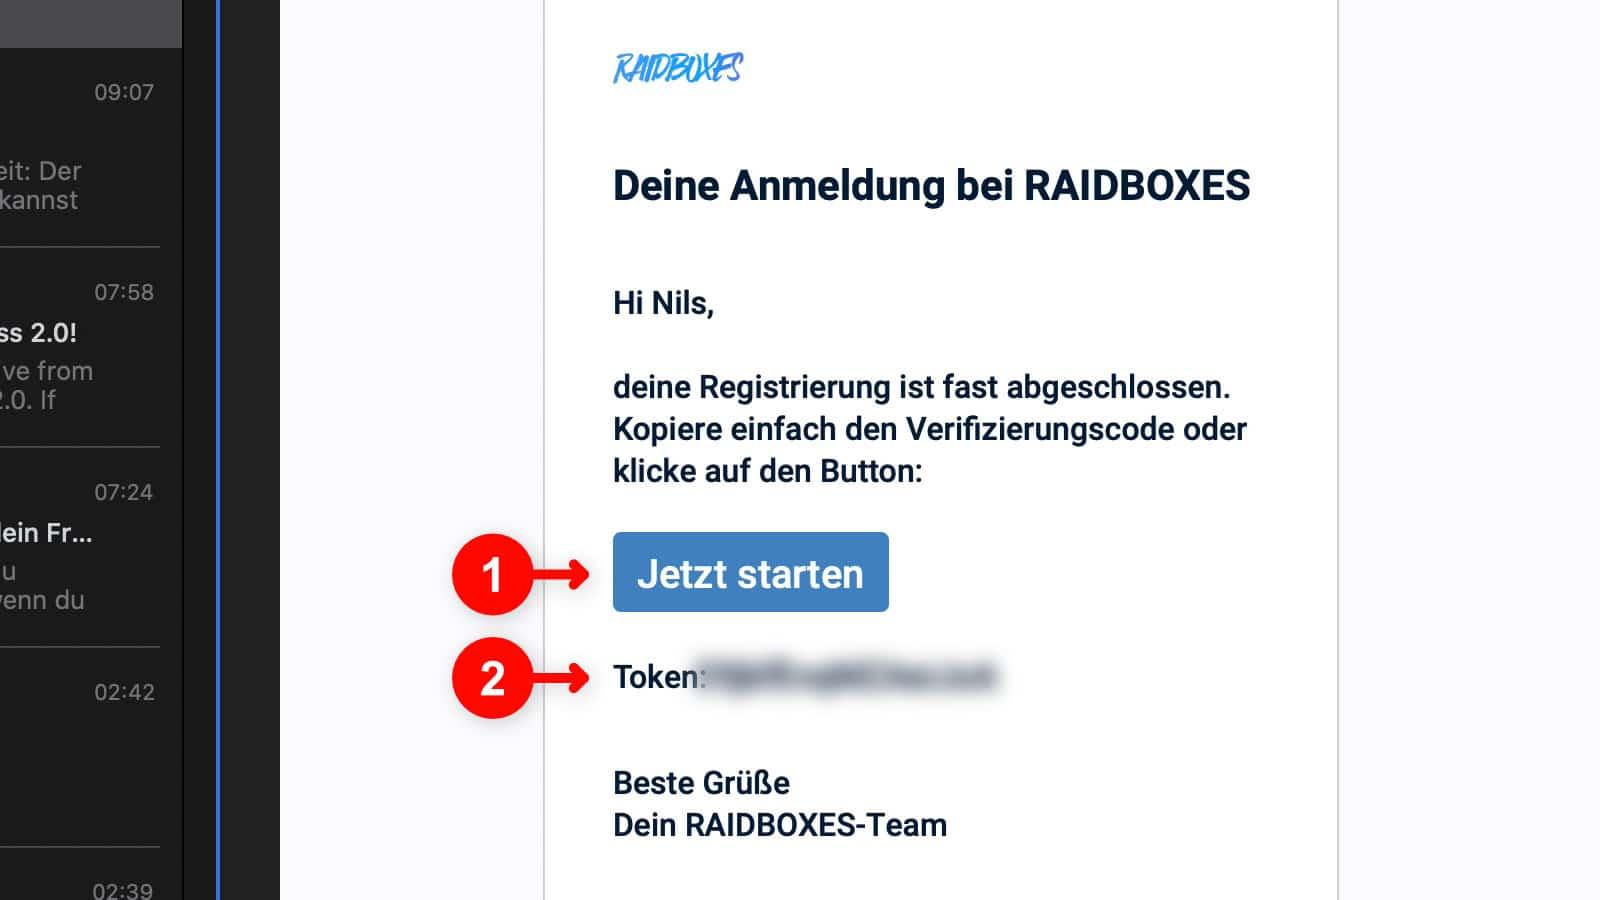 WordPress Website erstellen: Raidboxes Anmeldung 6